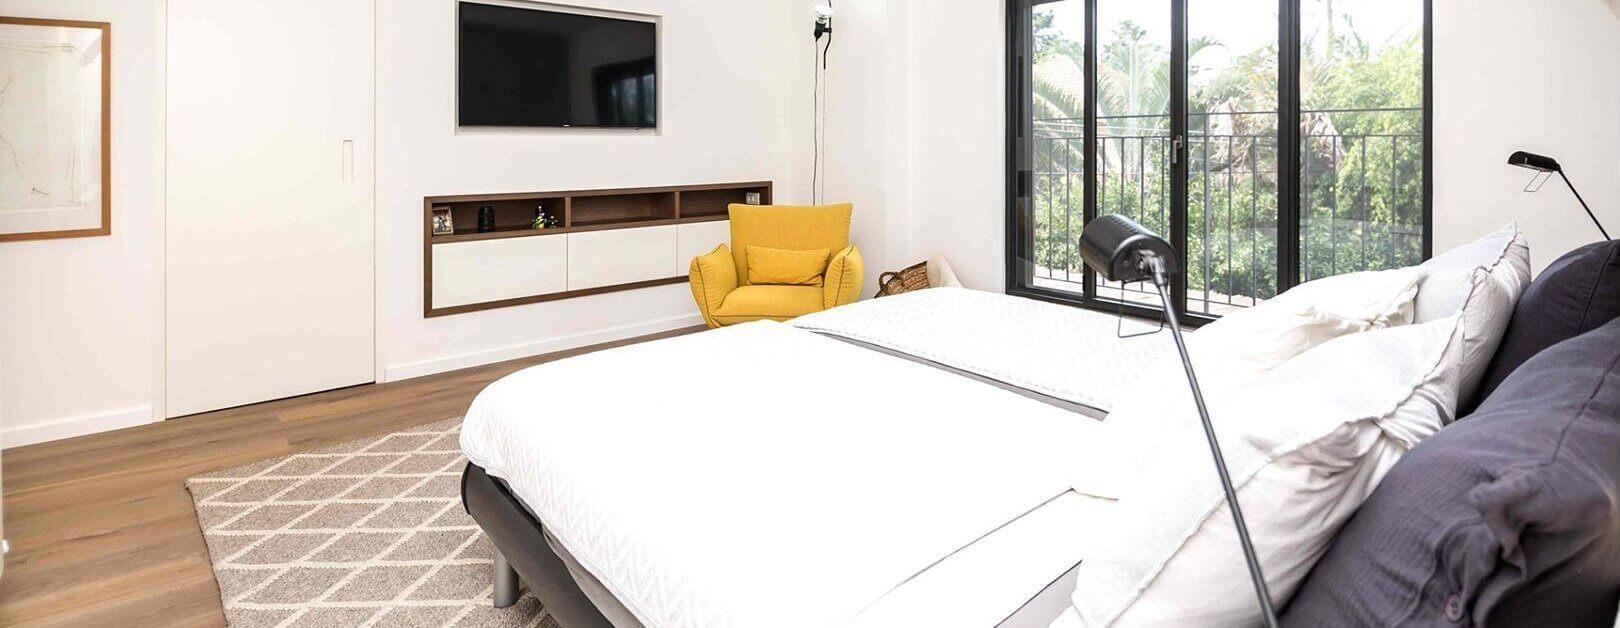 שיפוץ חדר שינה